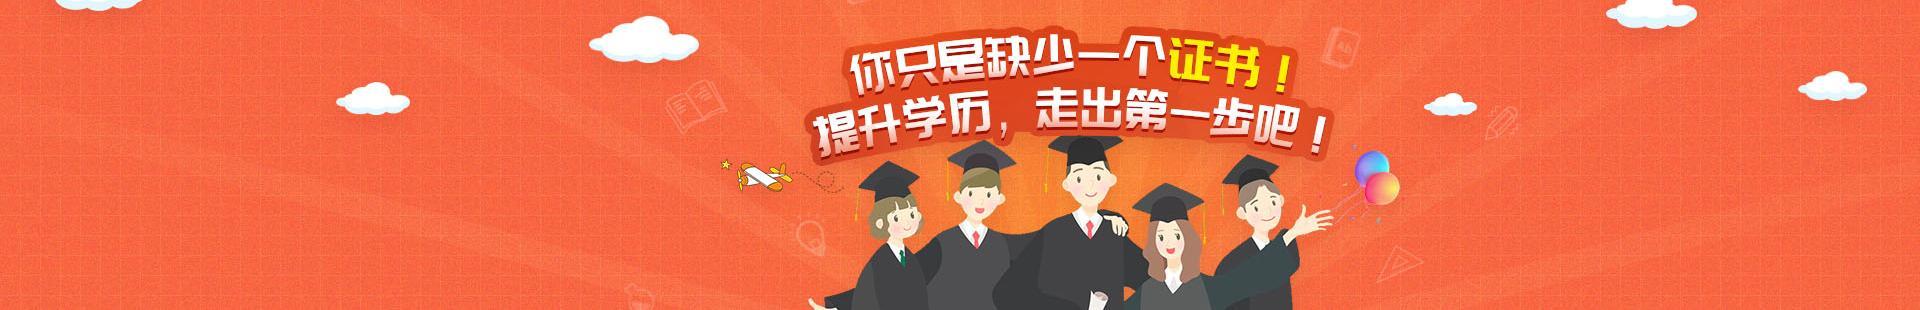 深圳大学学历培训